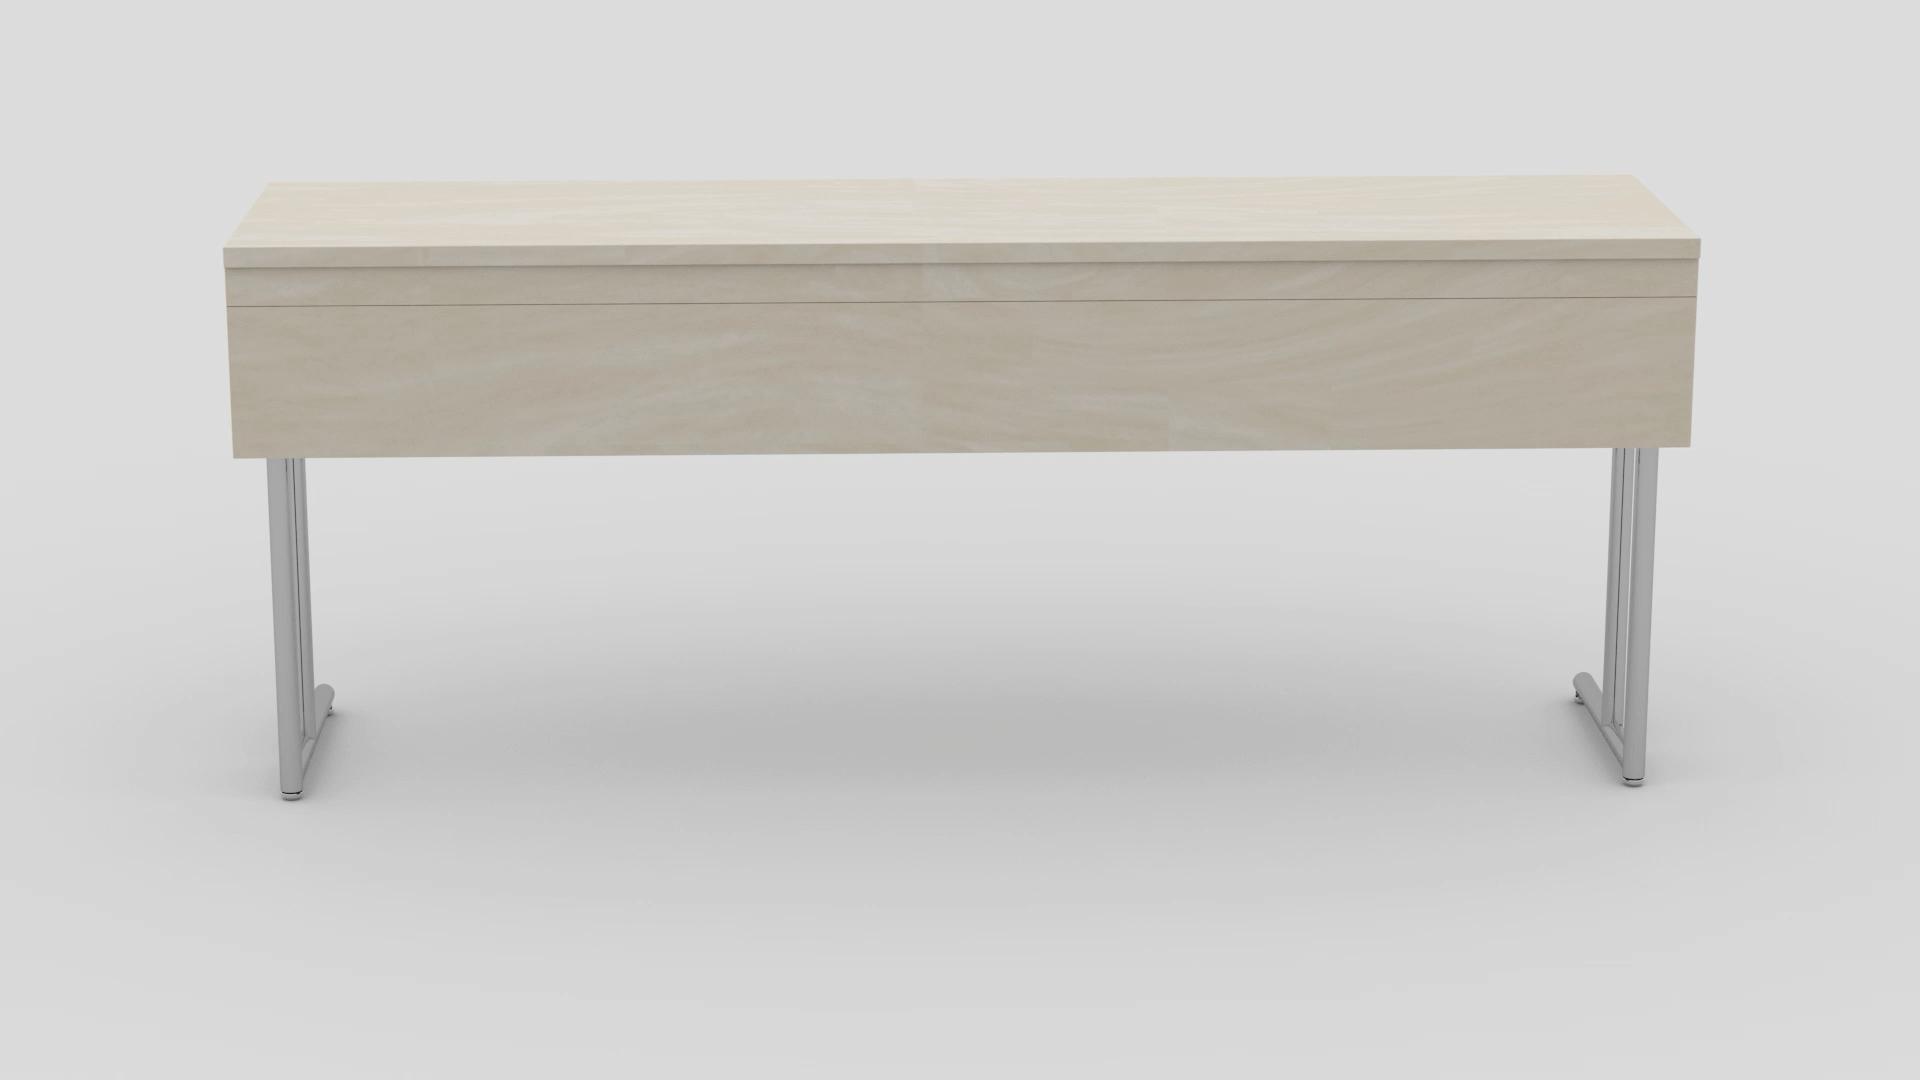 カンファレンステーブル SL-G イメージ